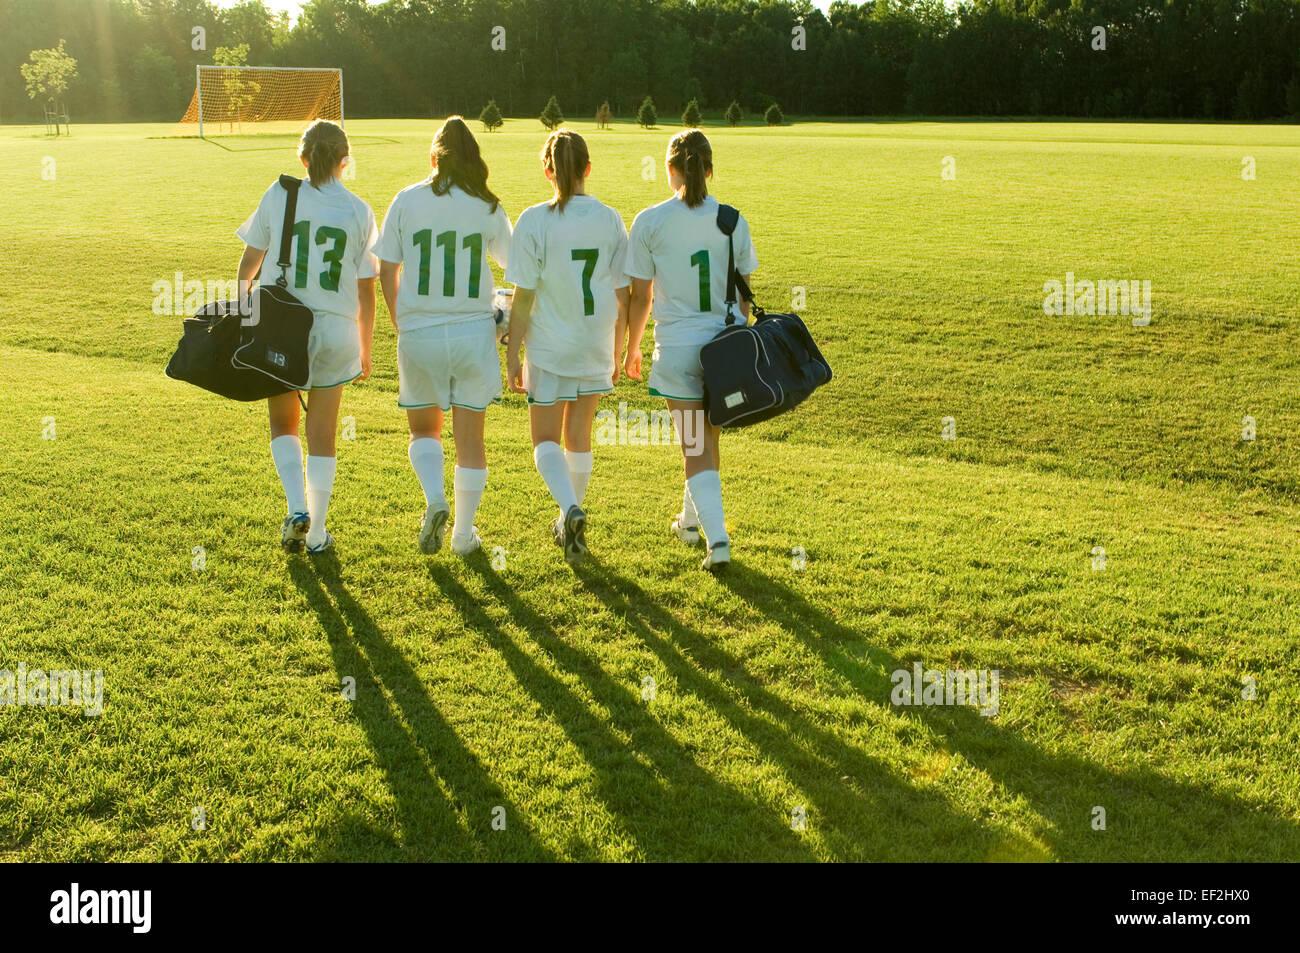 Las niñas en un campo de fútbol Foto de stock